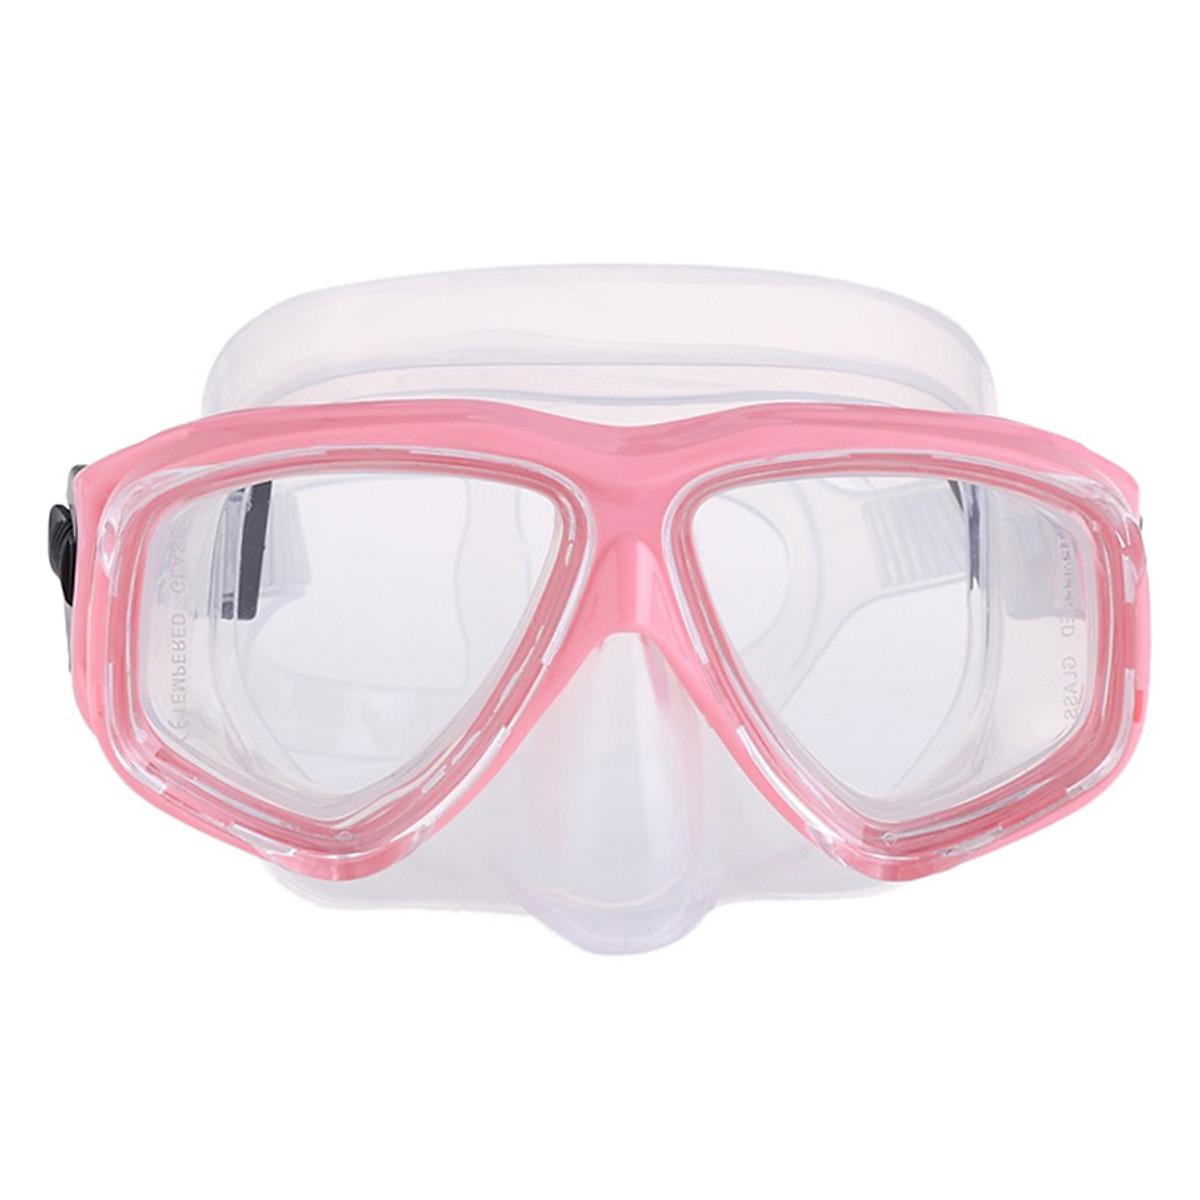 Bộ Kính Lặn Ống Thở Gopro Snorkel-Set-Pink - Hồng - 1